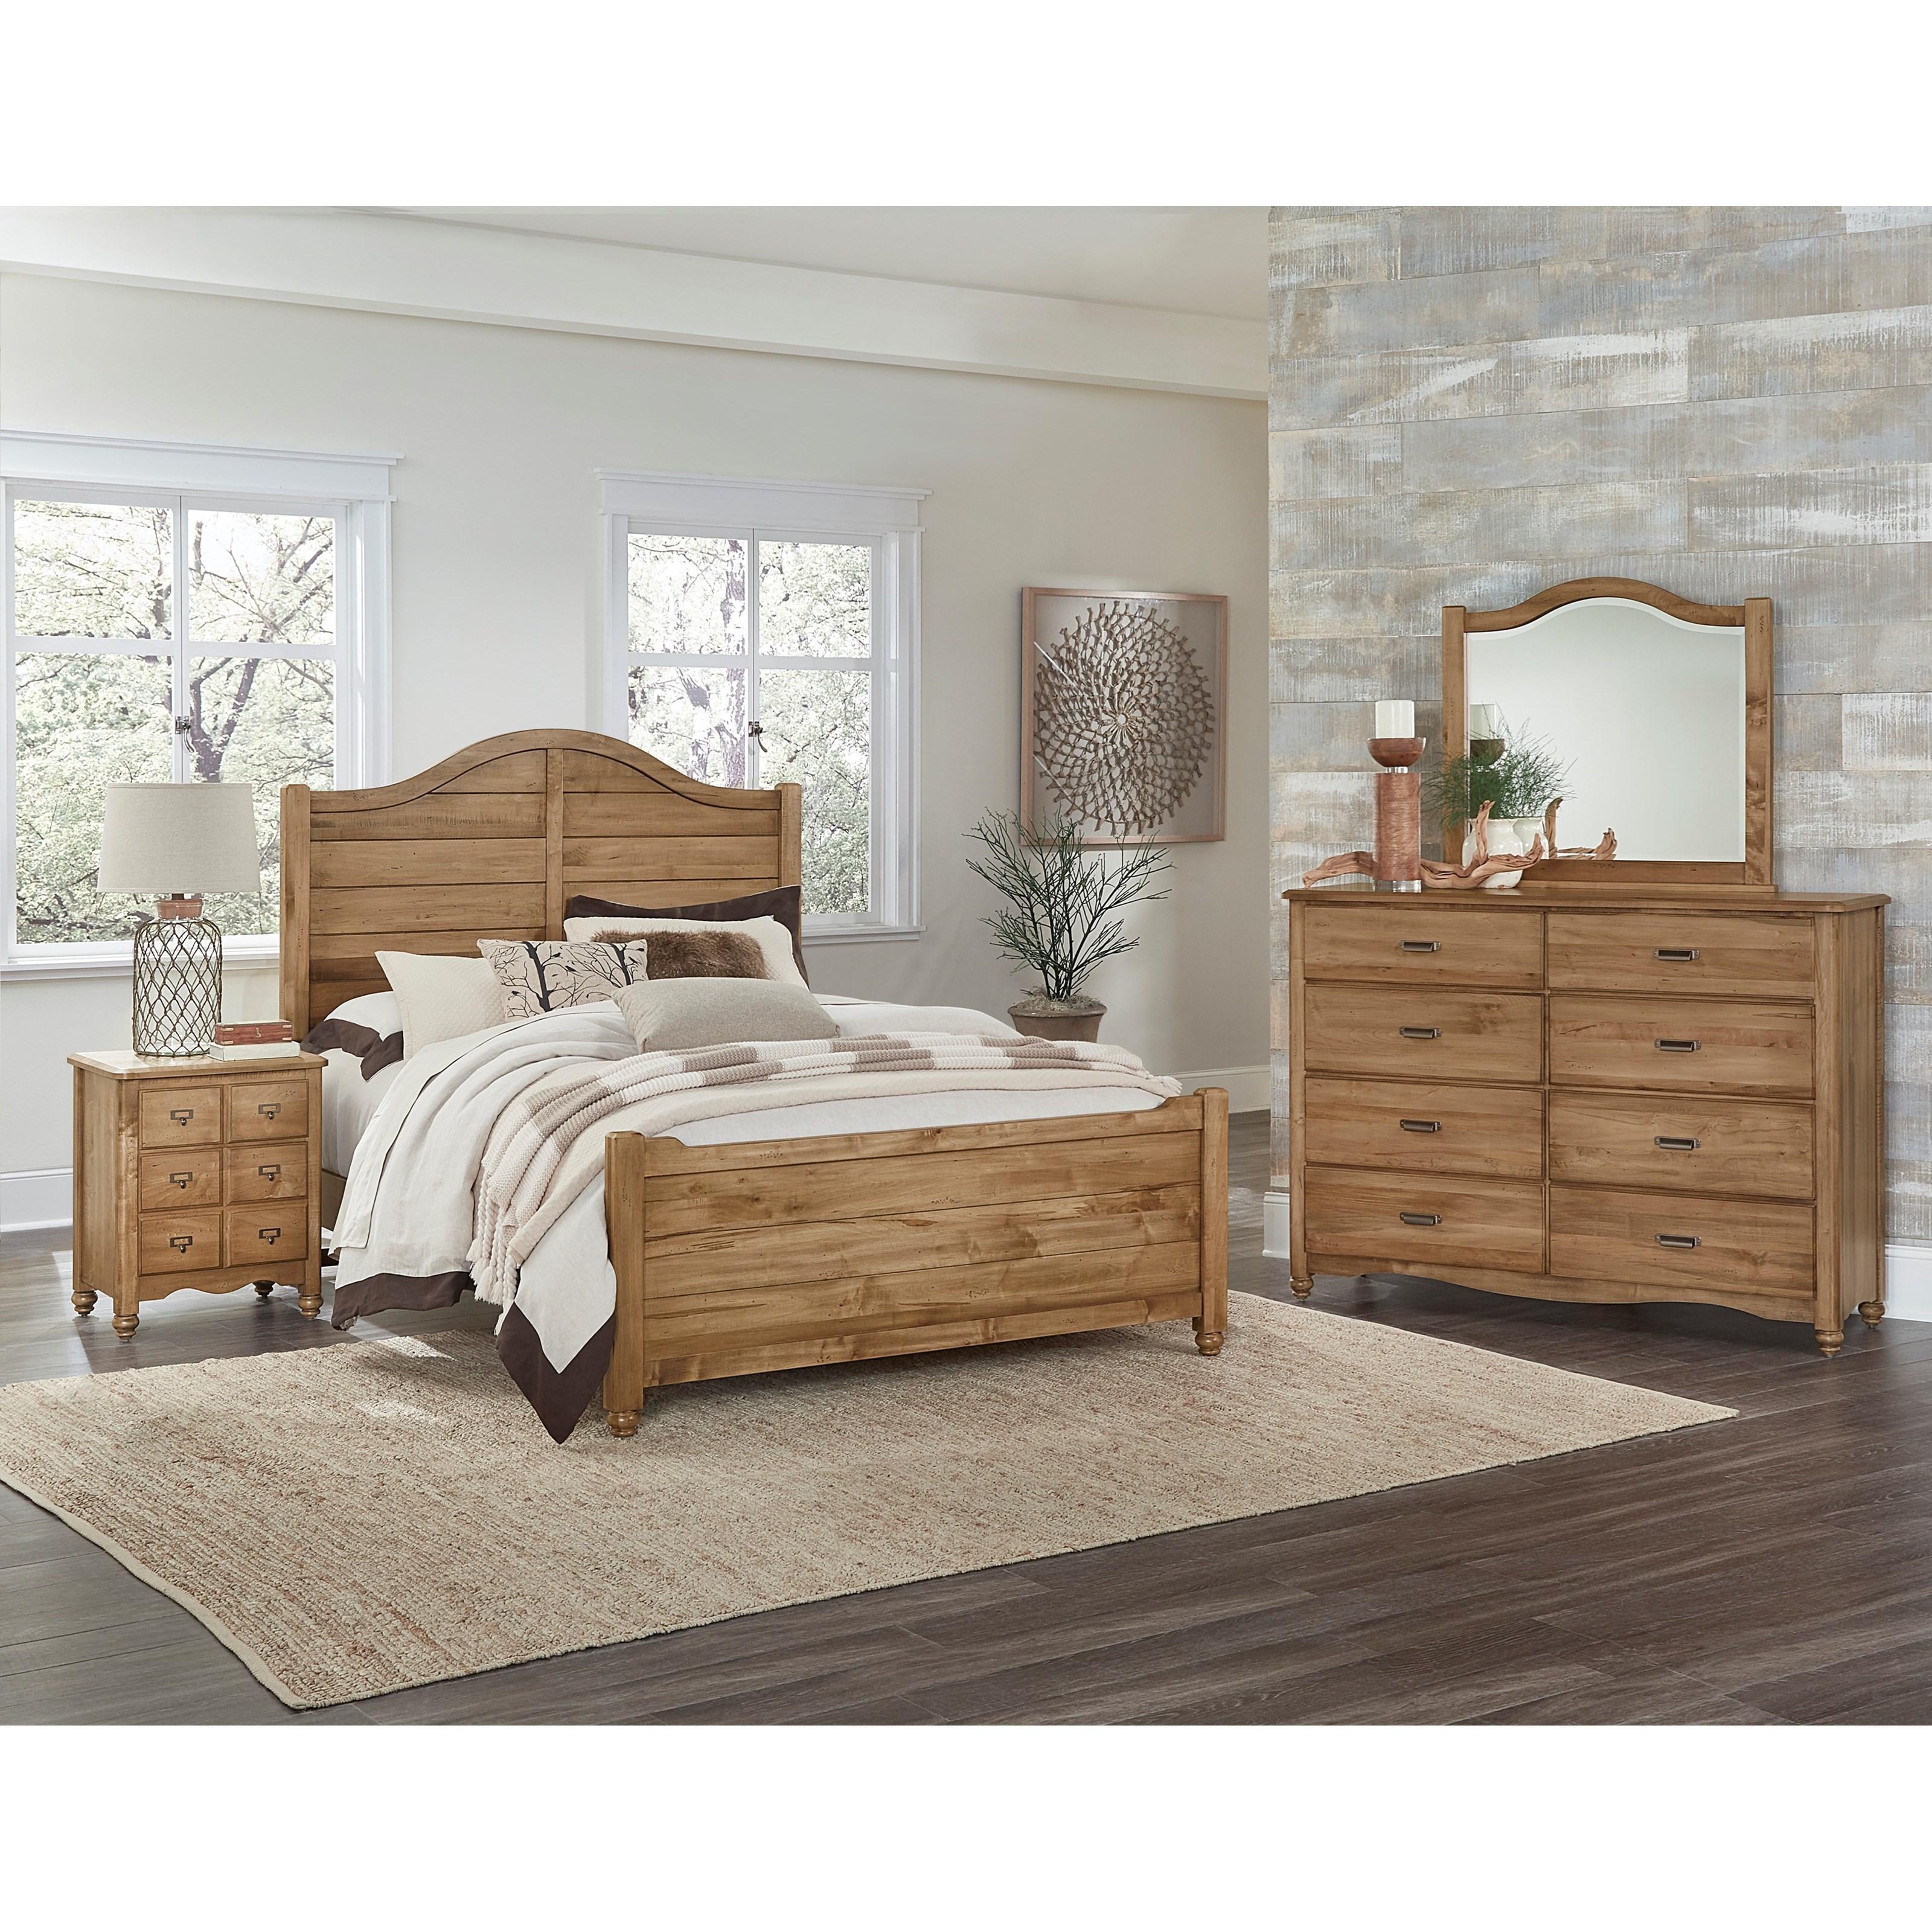 Vaughan Bassett American Maple Queen Bedroom Group - Item Number: 402 Q Bedroom Group 2